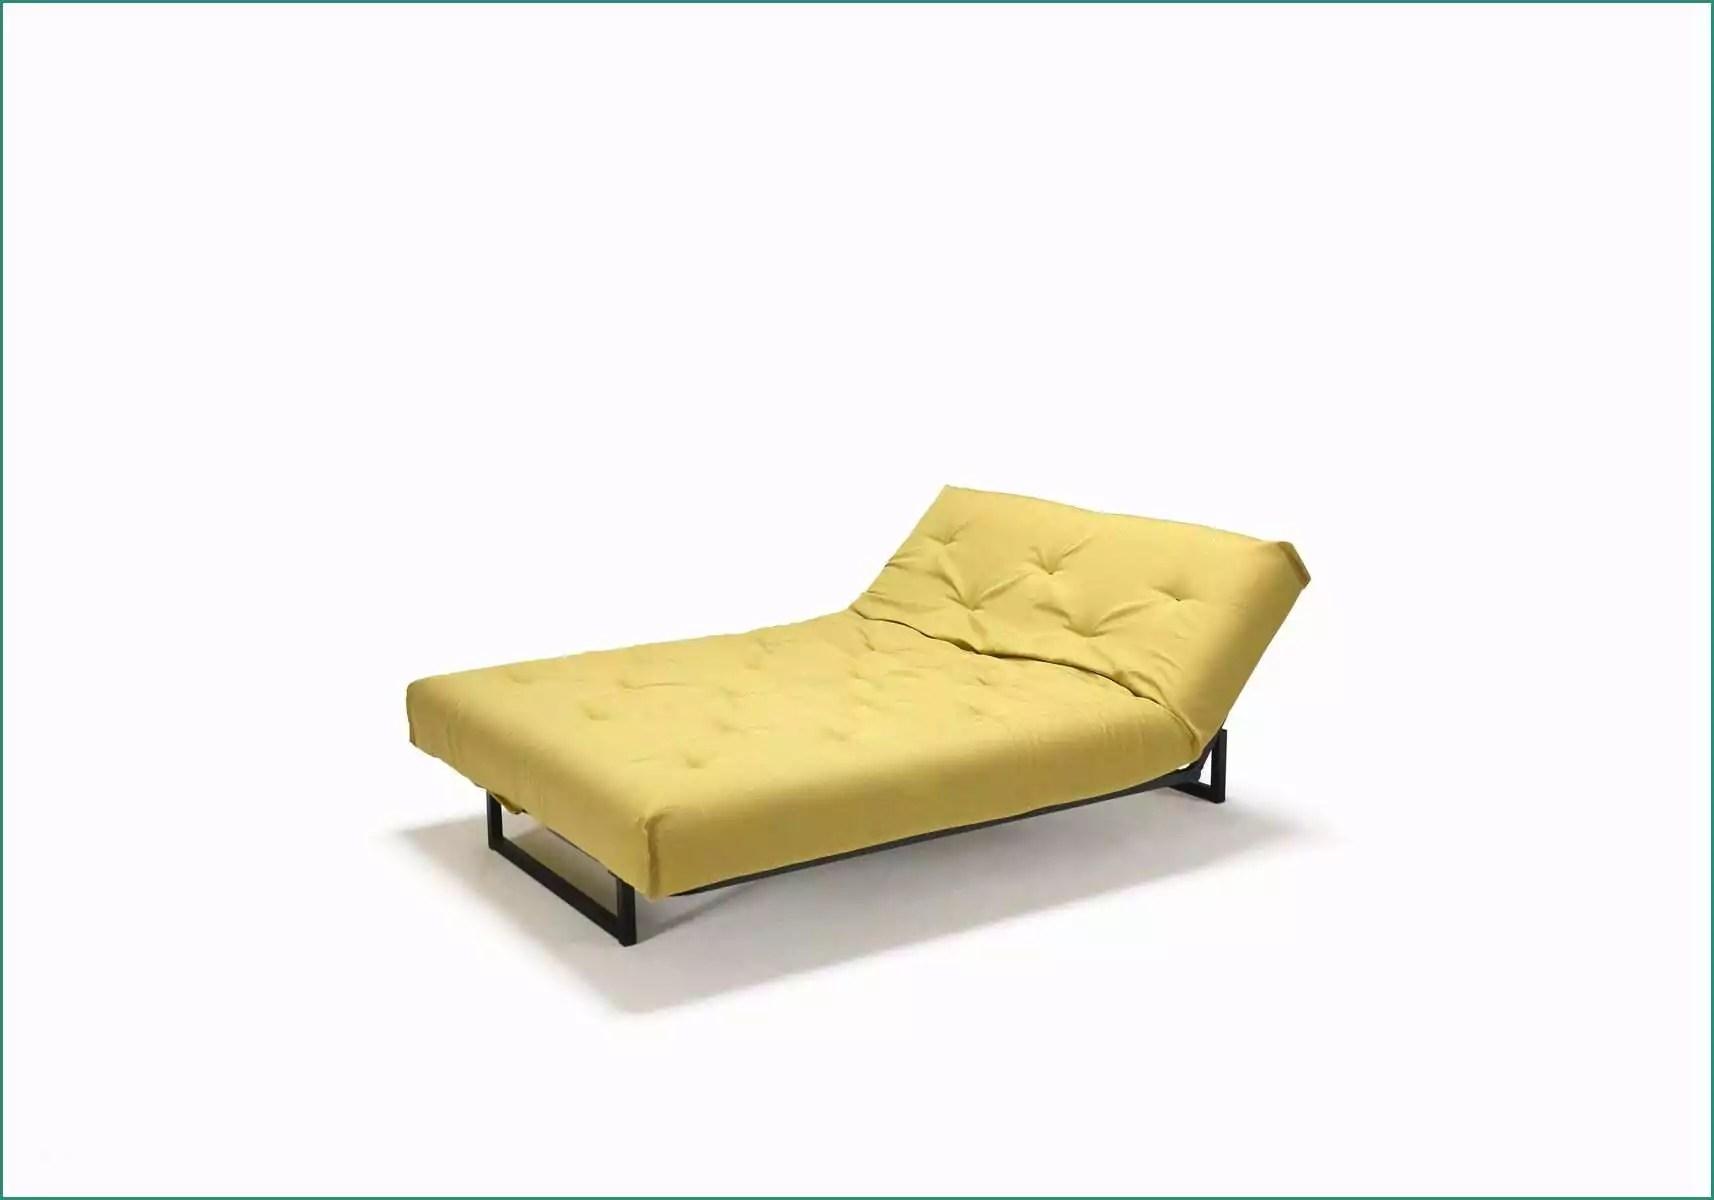 Divano Letto Matrimoniale Design.Divano Letto Matrimoniale Misure Ikea Divano Letto Matrimoniale